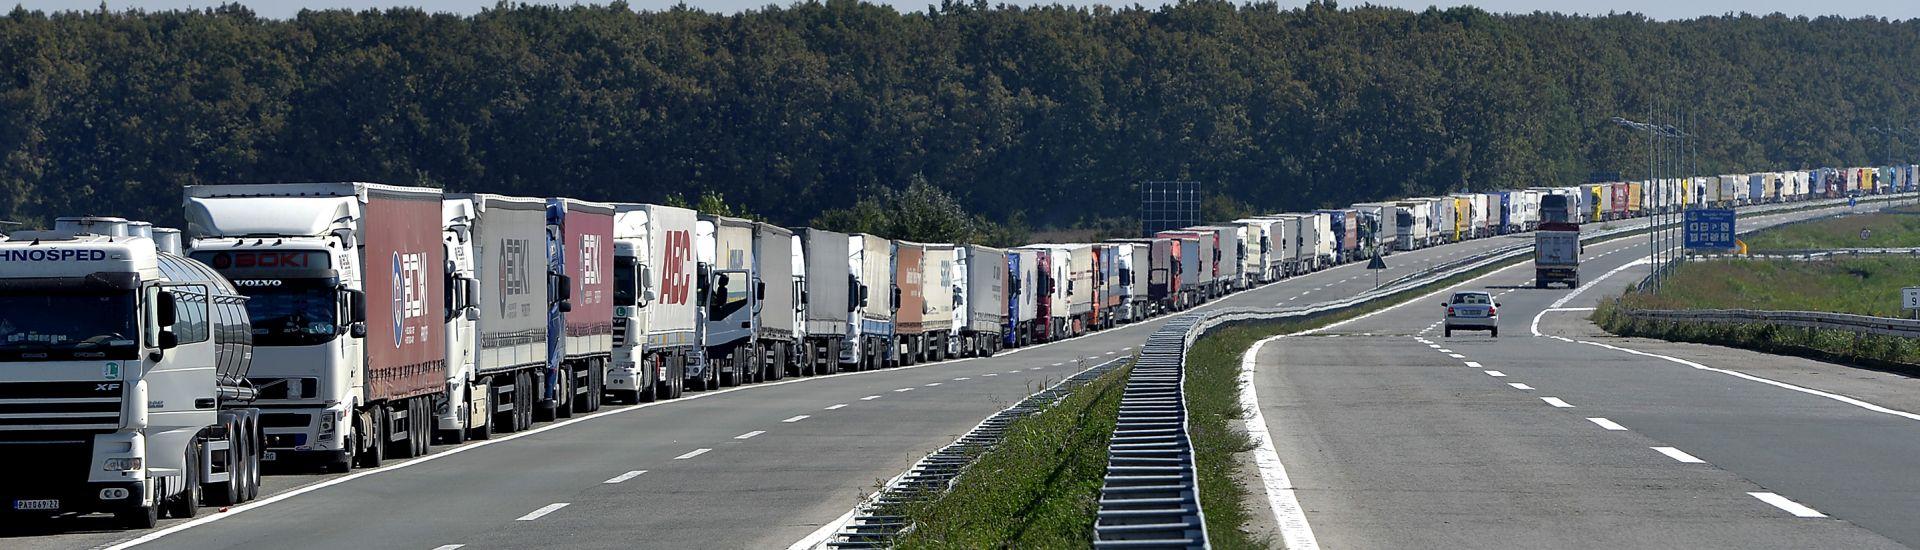 SRPSKI MINISTAR LJAJIĆ: Netko će plaćati penale i kazne za ovo zatvaranje granica